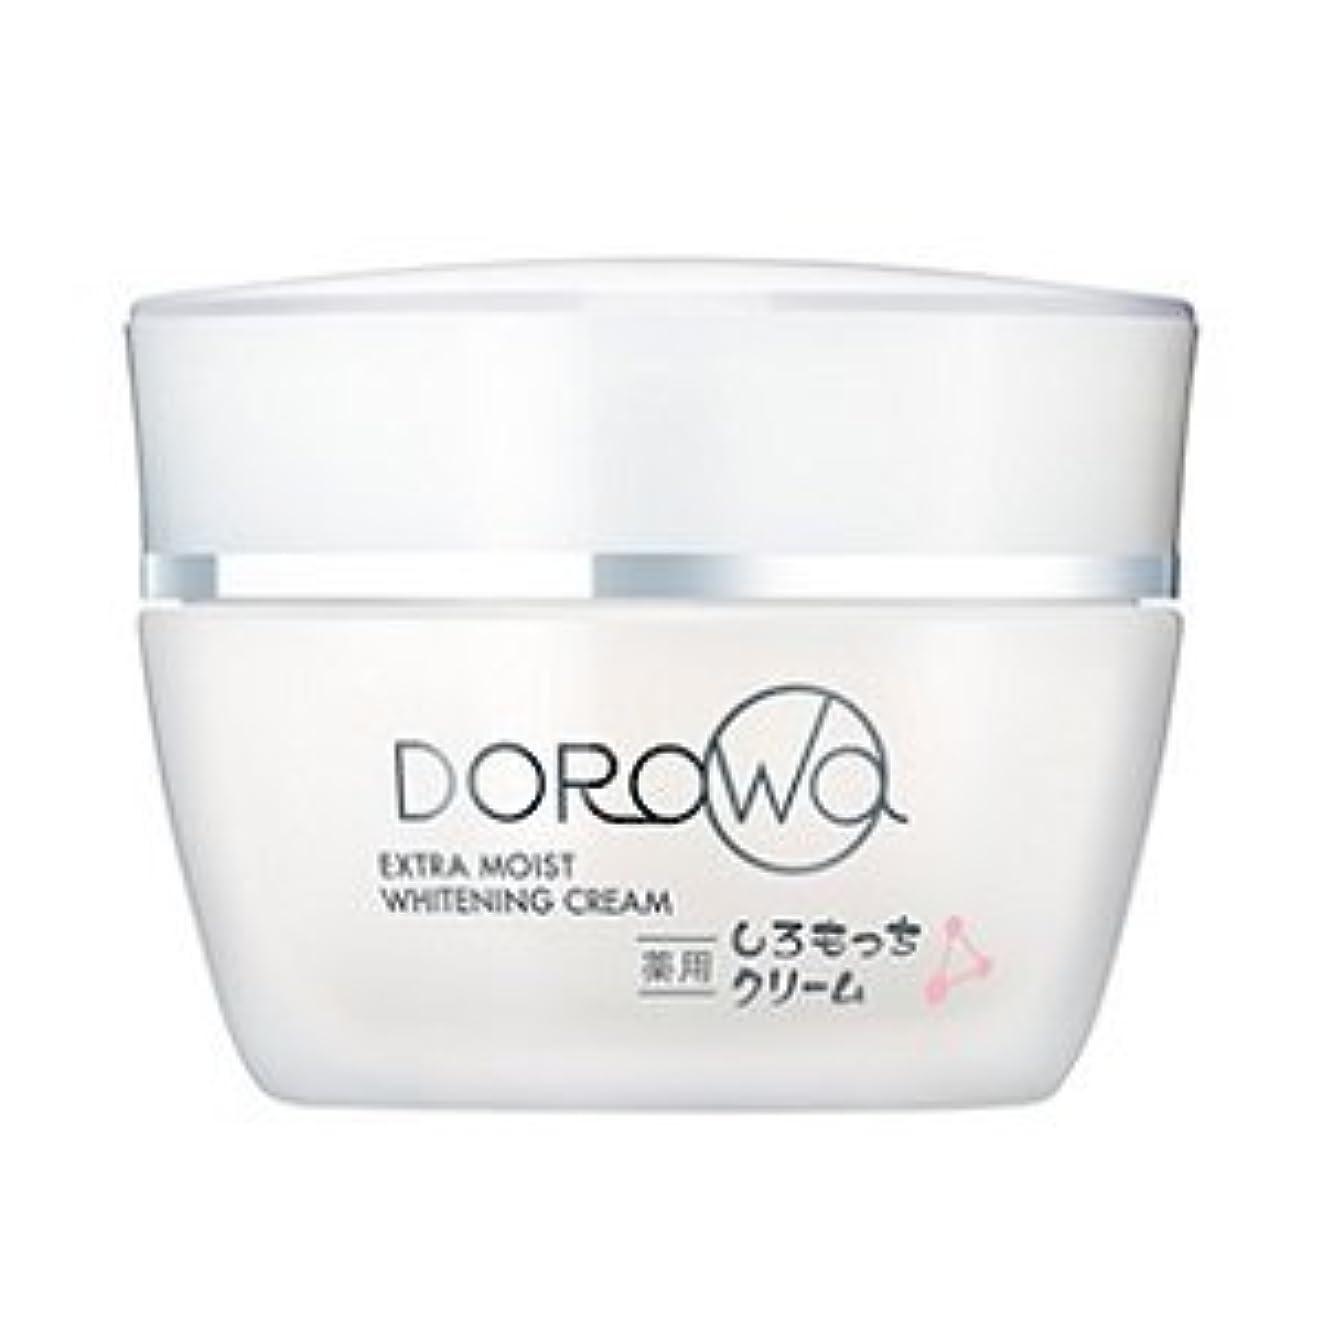 脊椎花輪事実健康コーポレーション DOROwa 薬用 しろもっちクリーム 60g